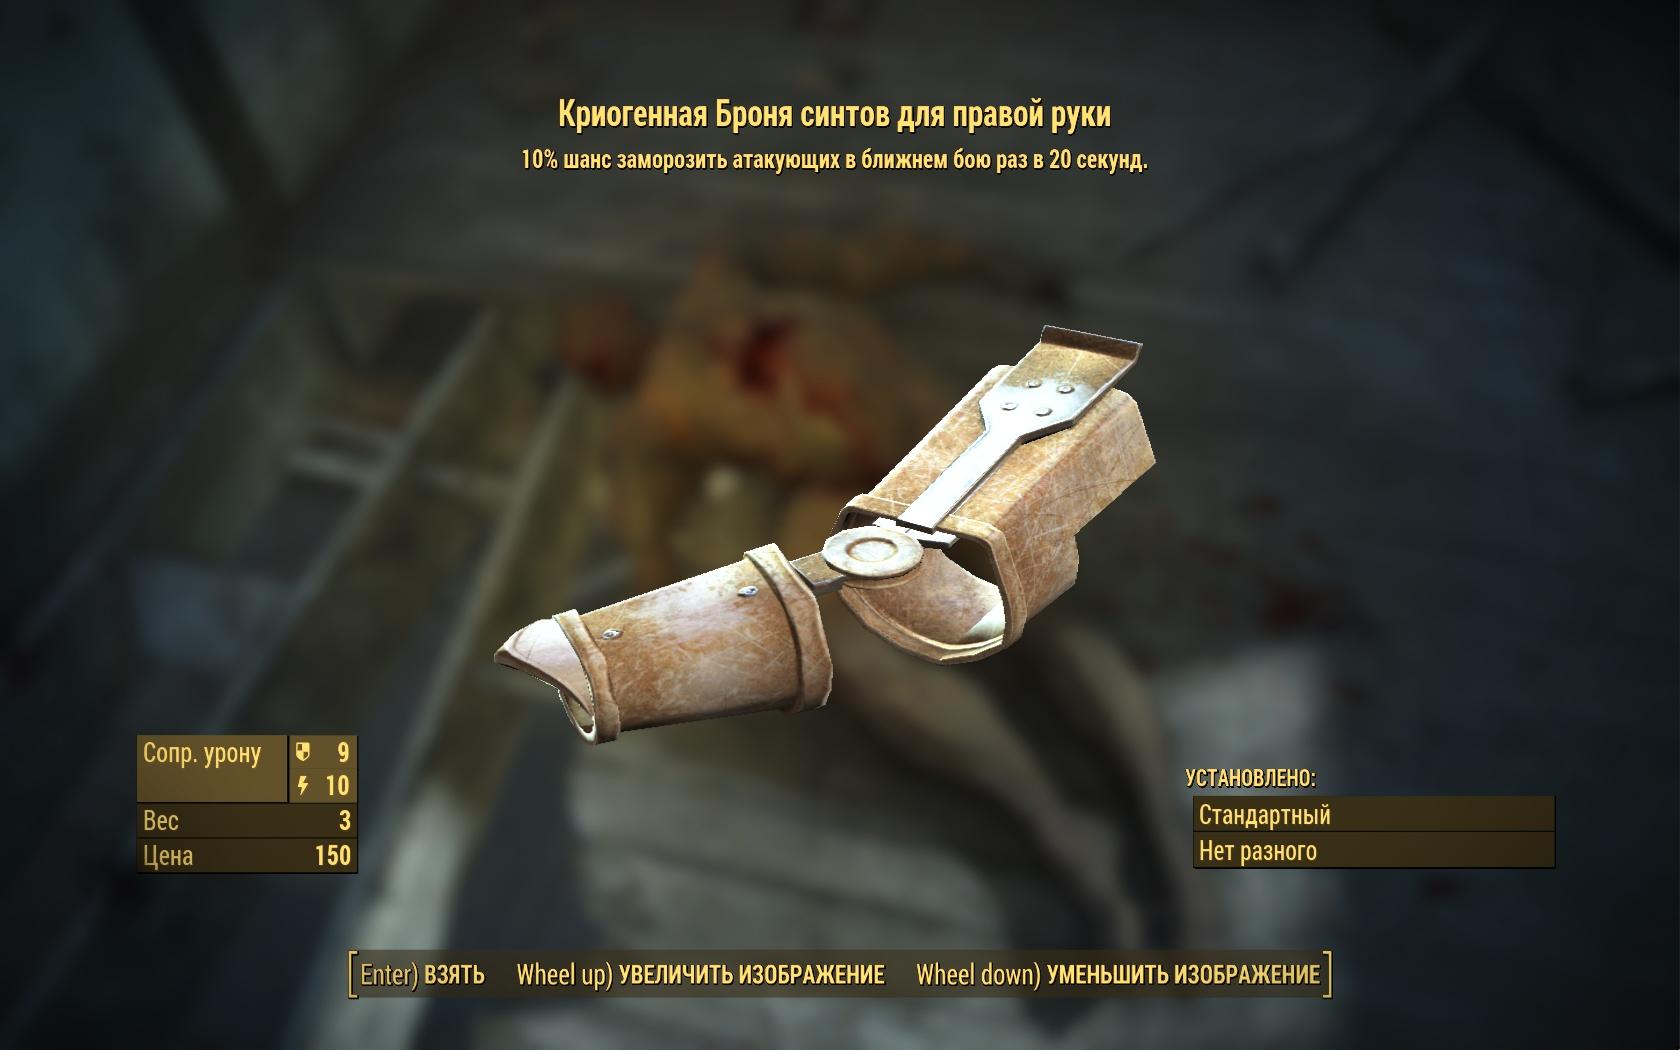 Криогенная броня синтов для правой руки - Fallout 4 броня, Криогенная, Одежда